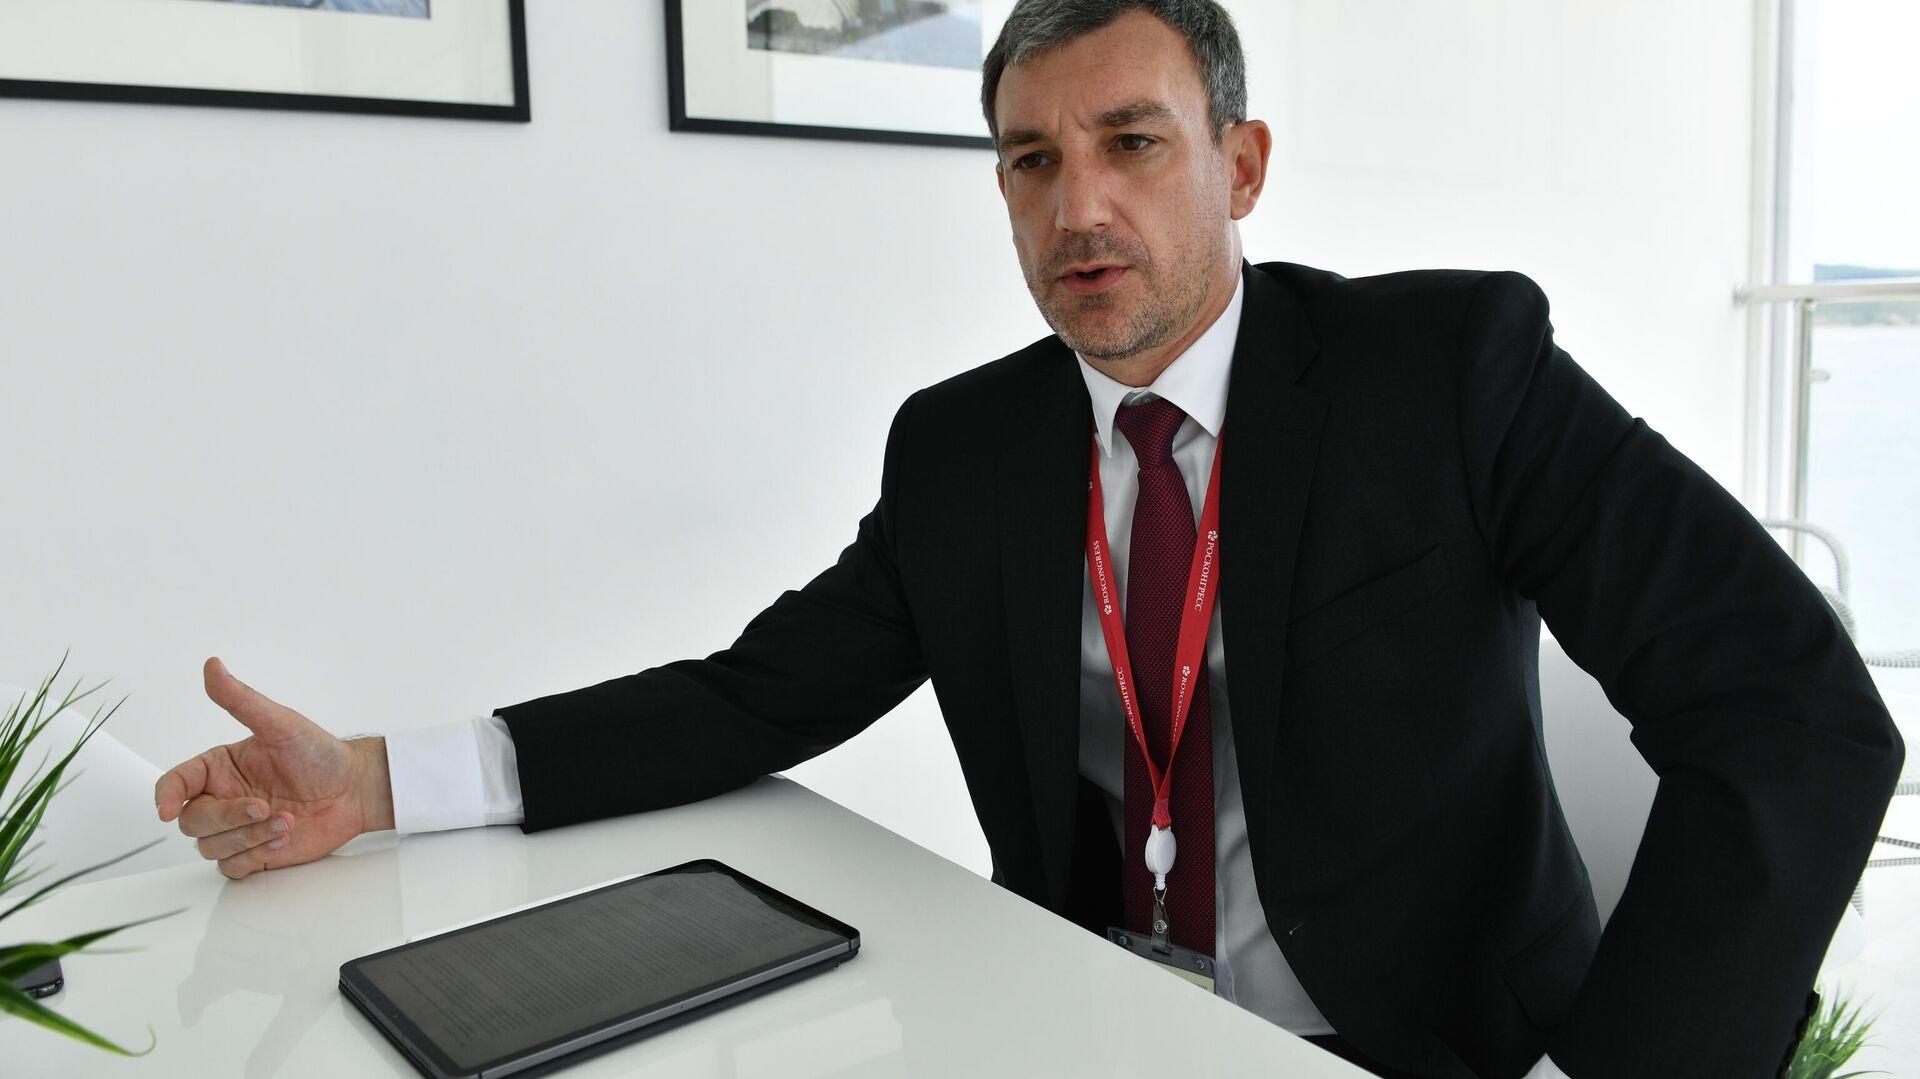 Орлов: предприниматели стали реже сталкиваться с давлением при проверках